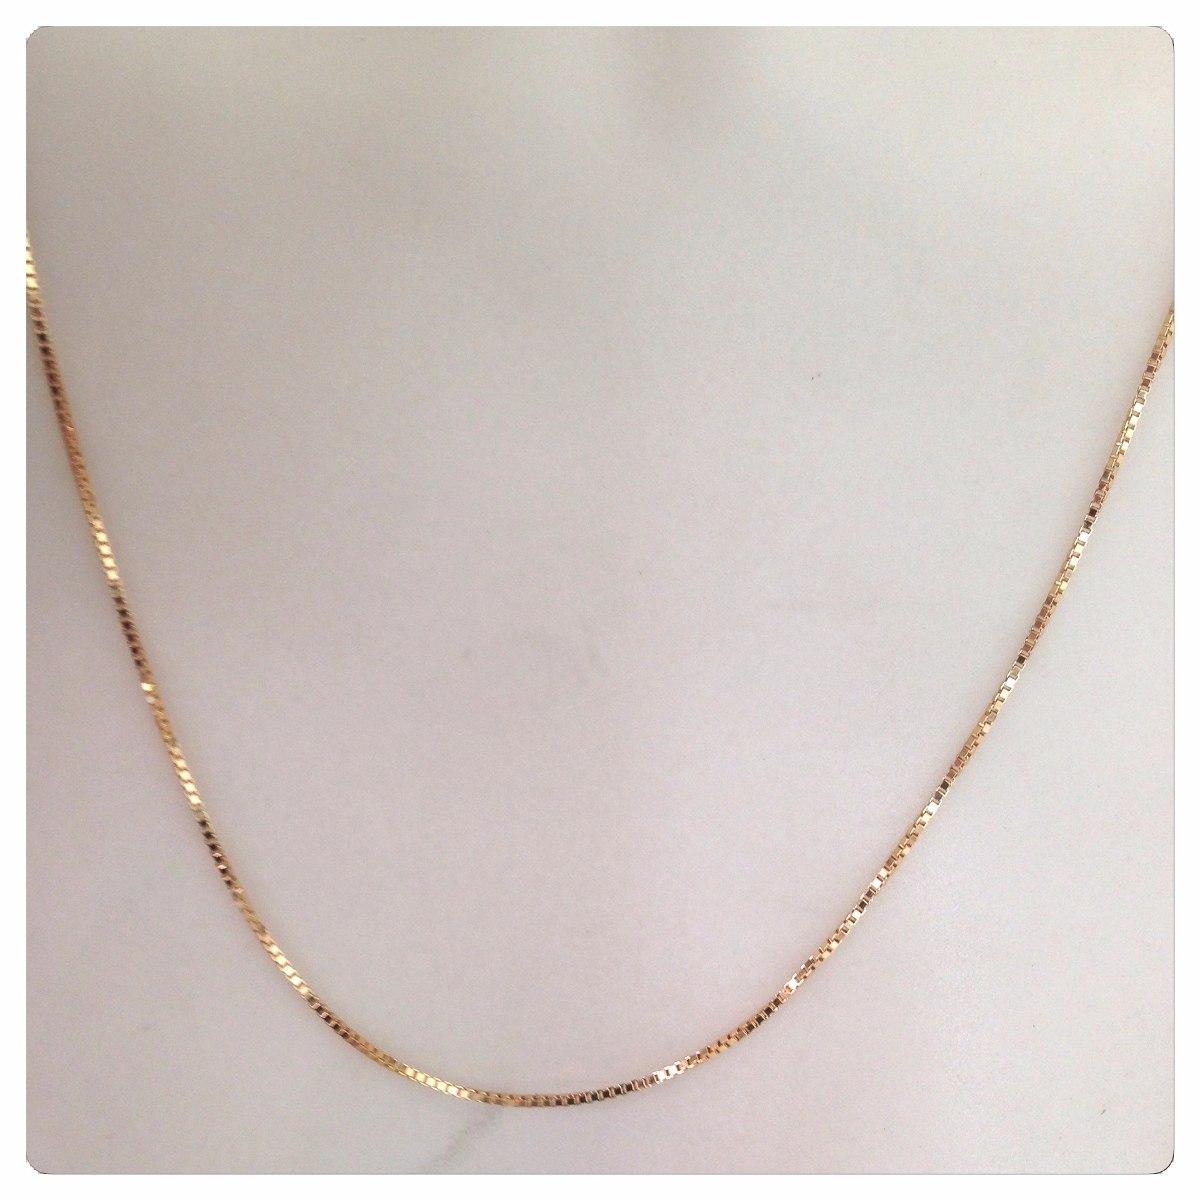 7db8d9afbb001 cordão corrente veneziana italiana 60cm em ouro 18k- maciça. Carregando  zoom.